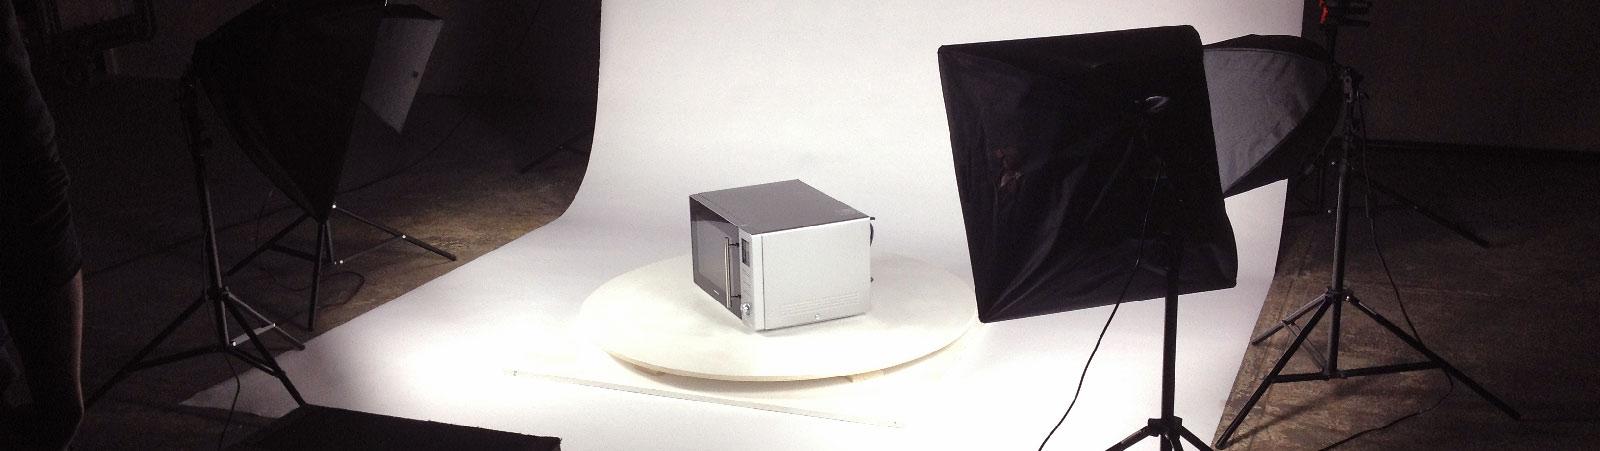 360 graden productfotografie laten maken